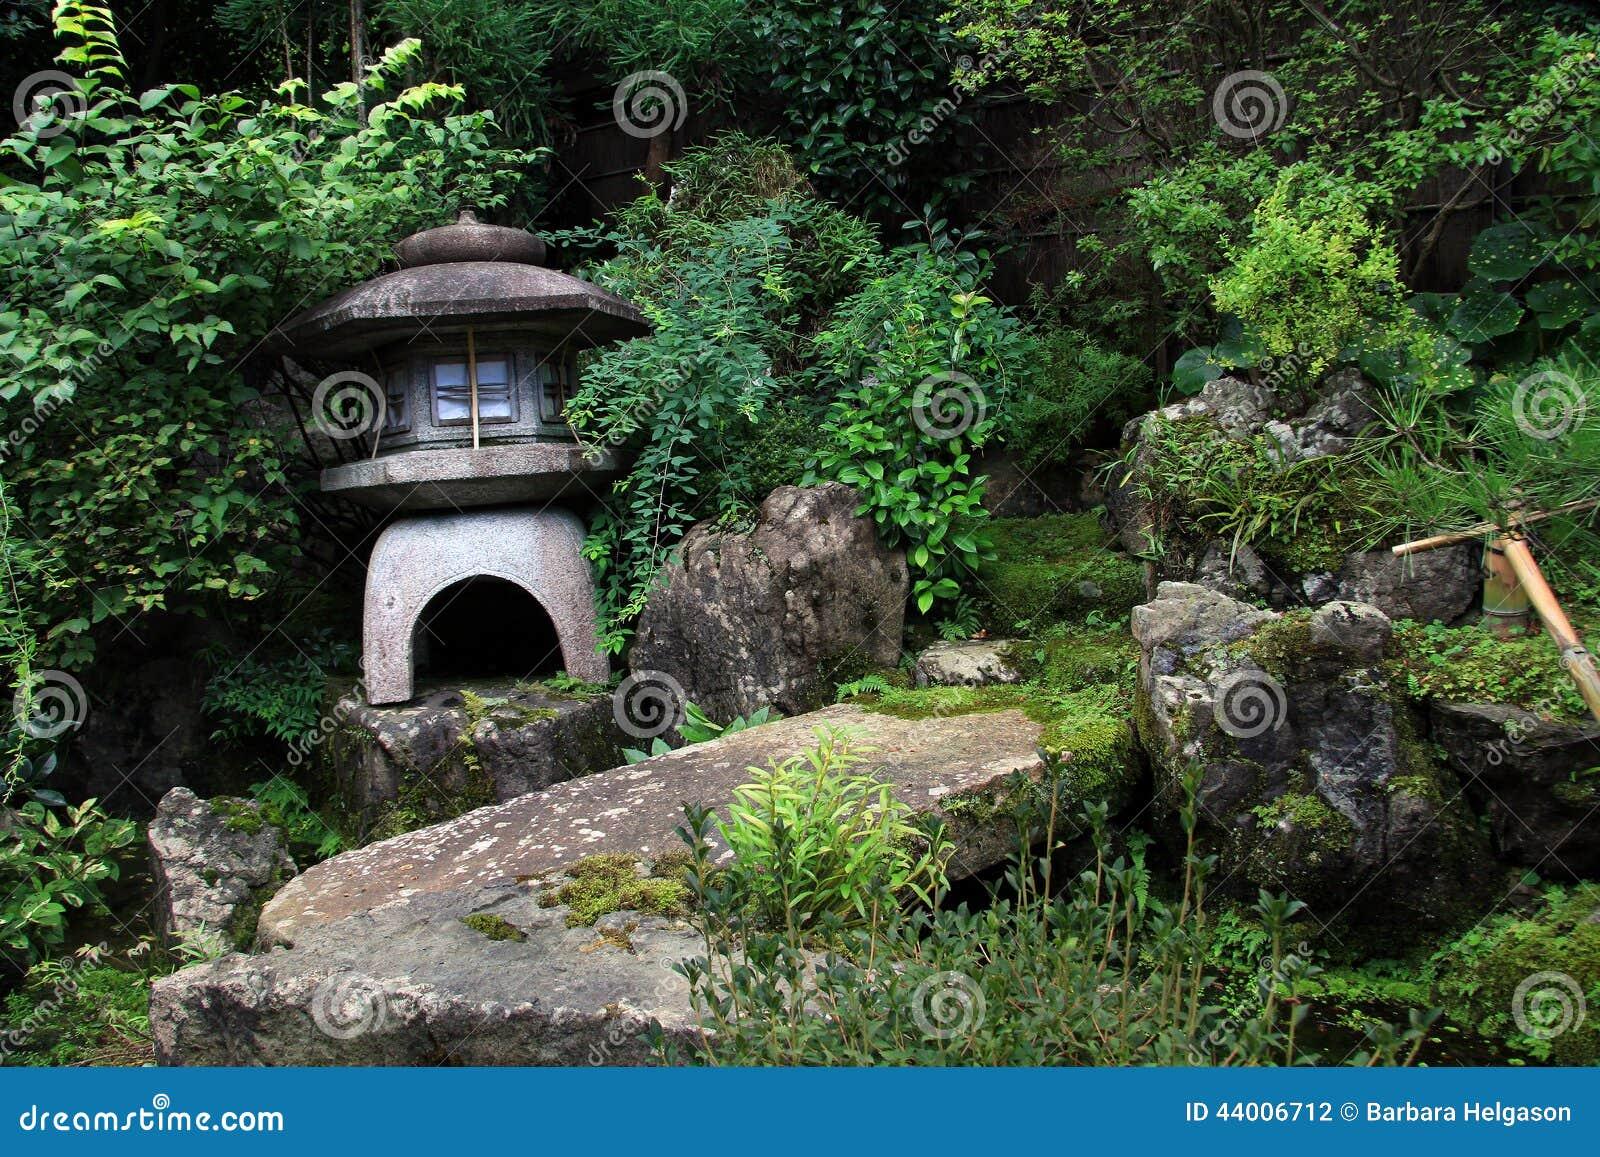 imagens jardim japones : imagens jardim japones:Jardim japonês com um santuário de pedra pequeno.